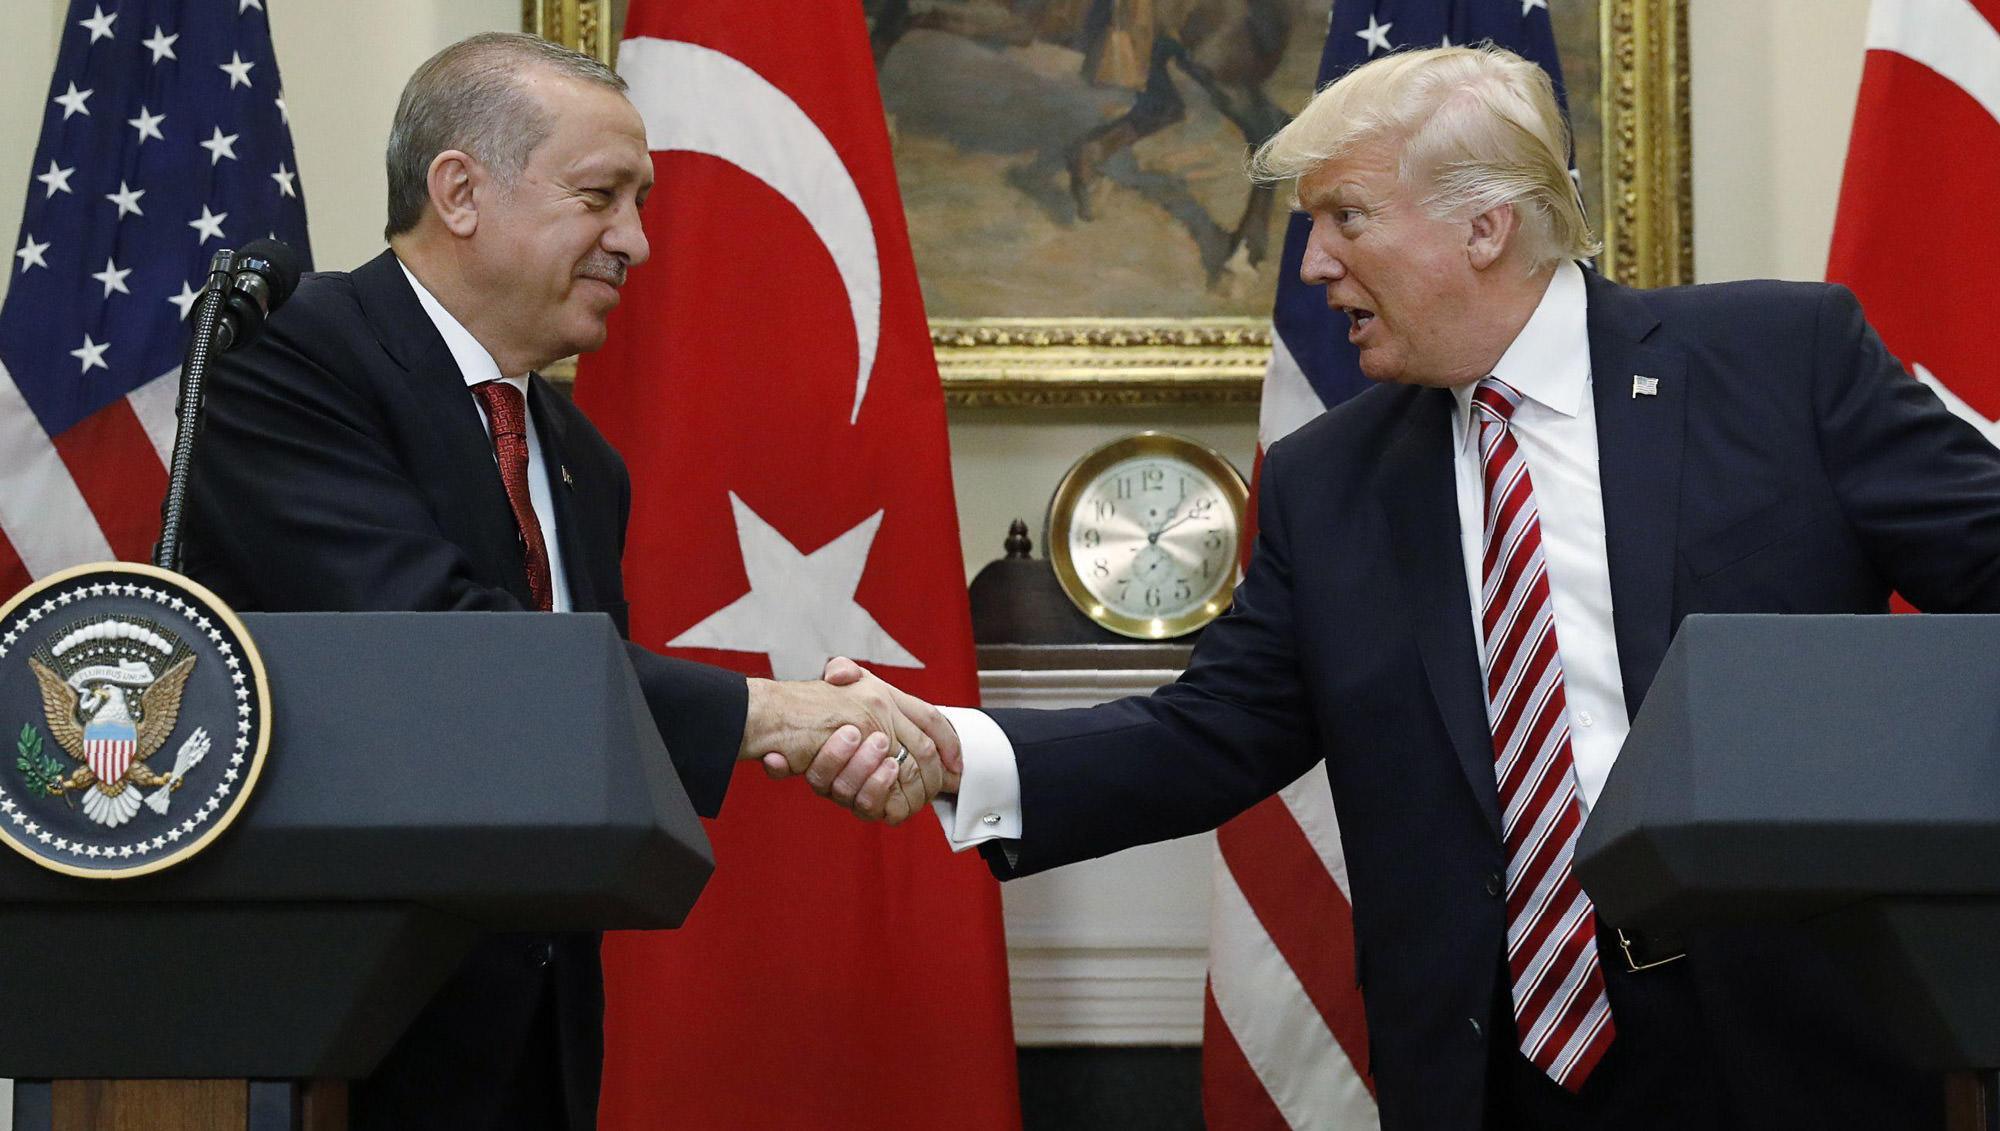 ΠΡΑΣΙΝΟΙ-ΑΛΛΗΛΕΓΓΥΗ: Να πιέσουμε τις κυβερνήσεις να σταθούν στο πλευρό των Κούρδων